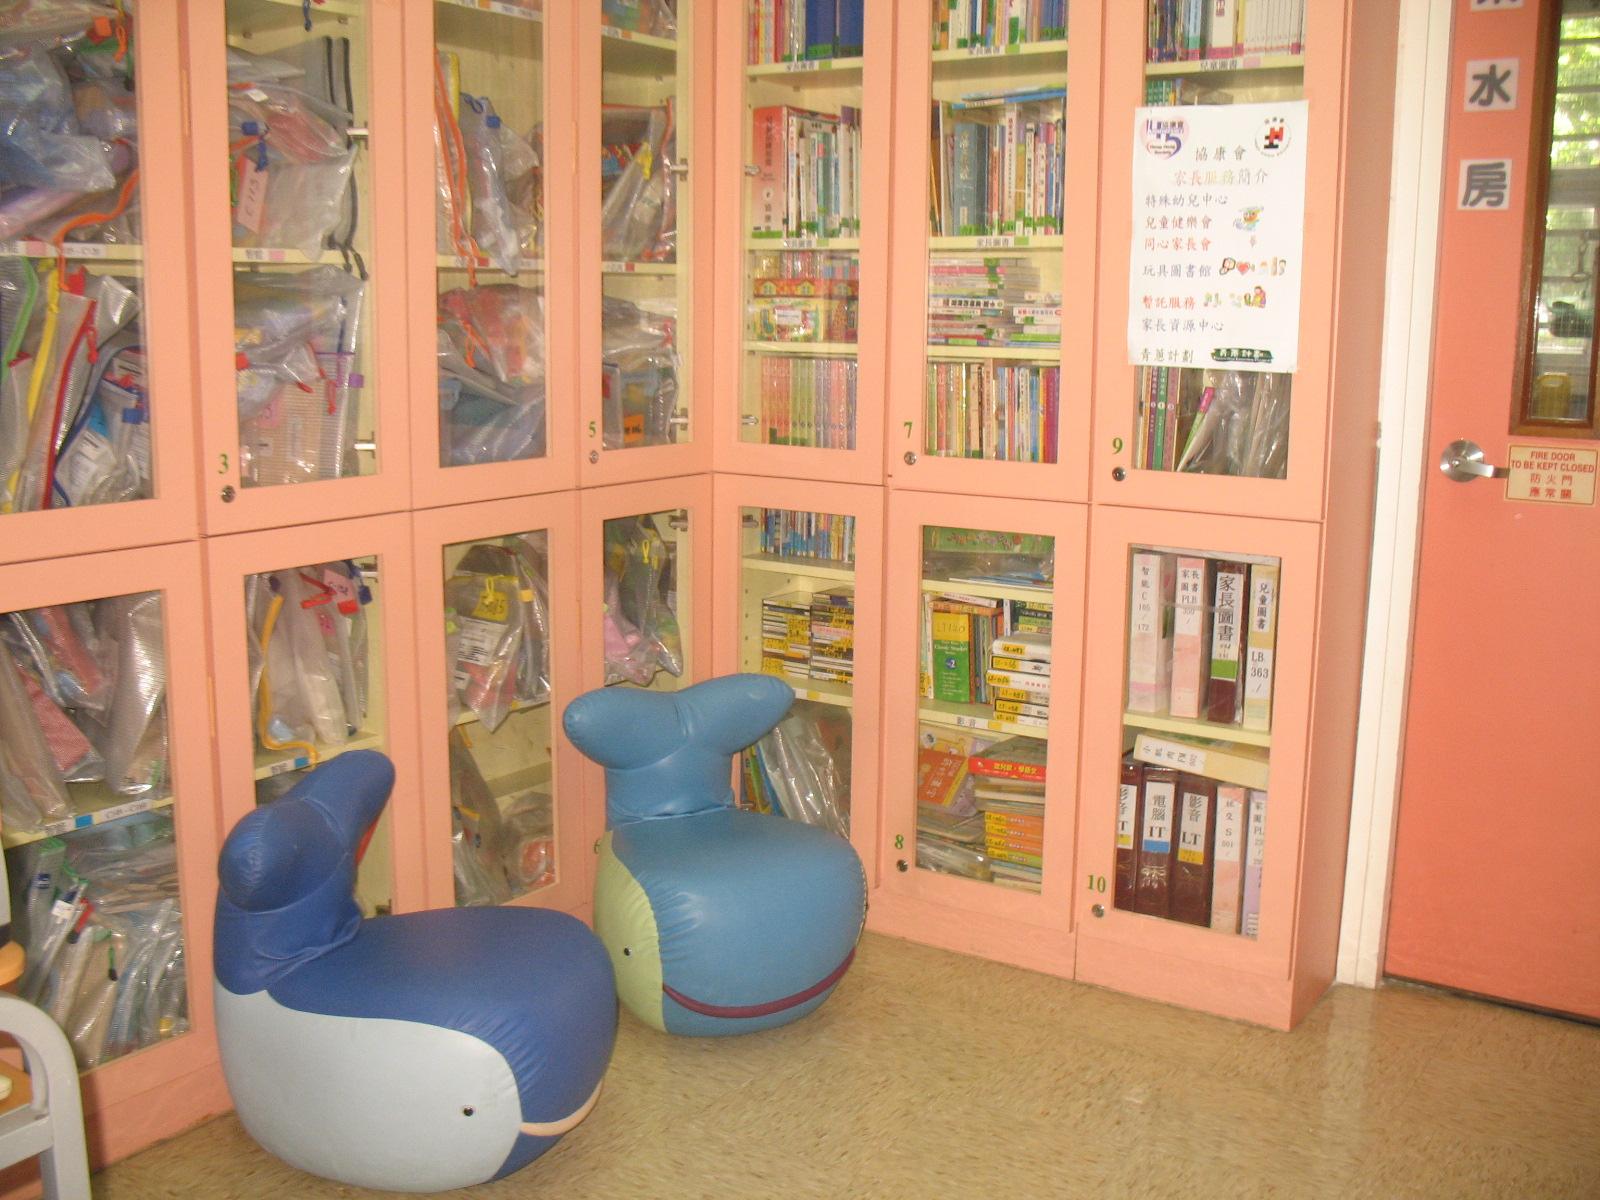 玩具圖書館內備有過百款不同的玩具,可供家長借用。